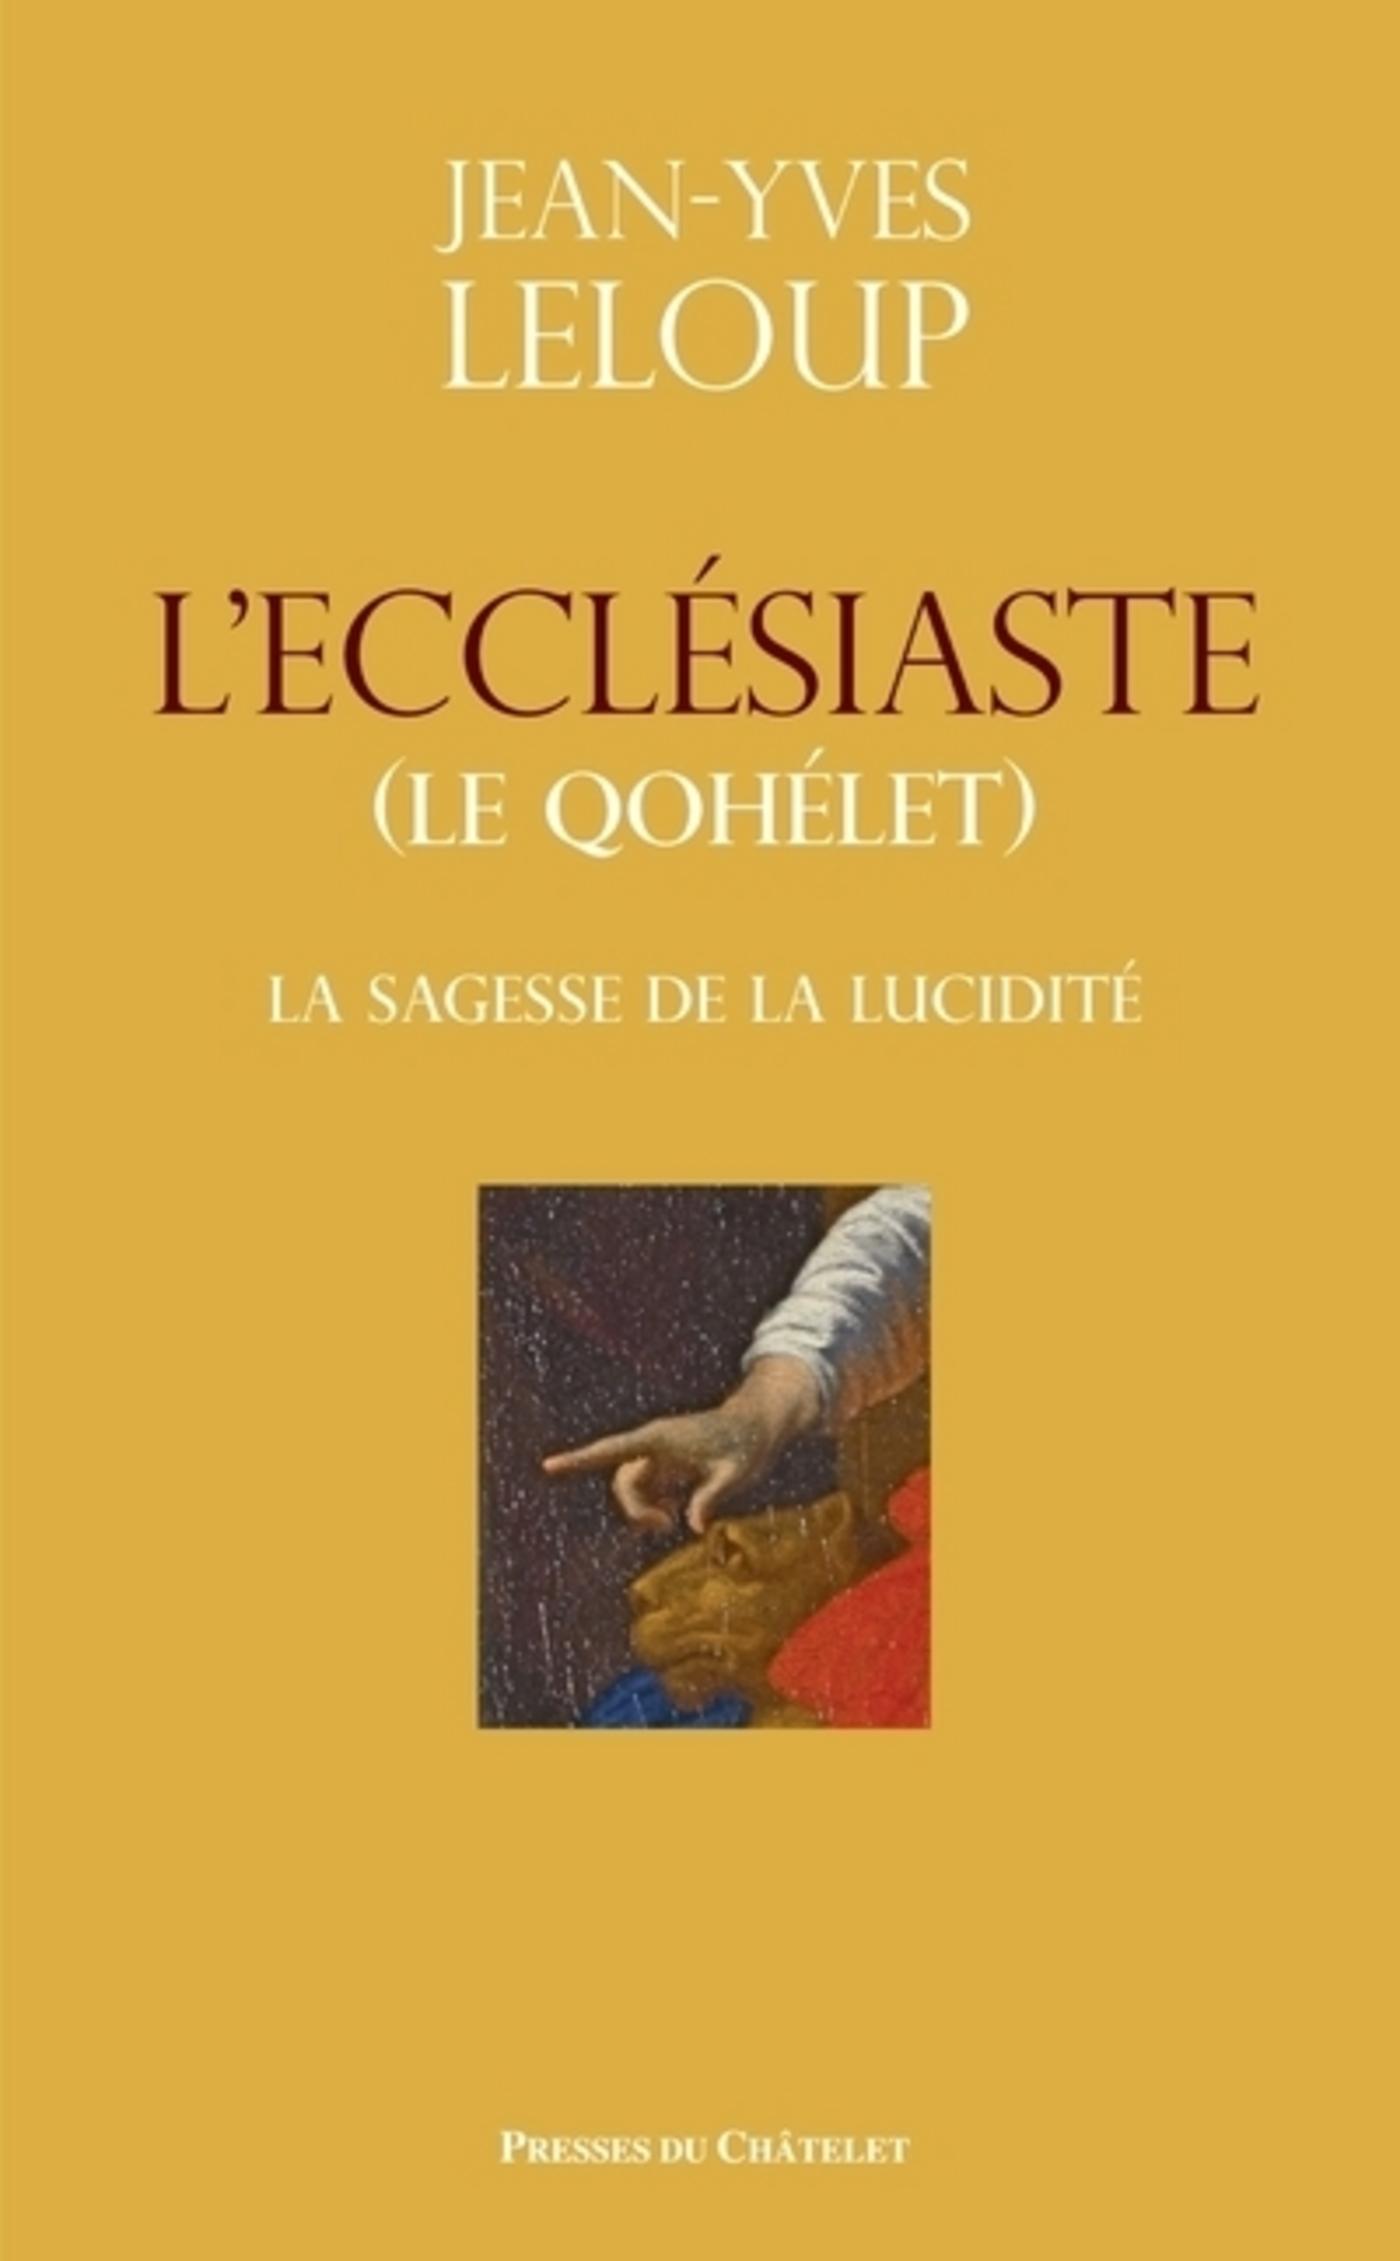 L'ecclesiaste (le Qohélet)